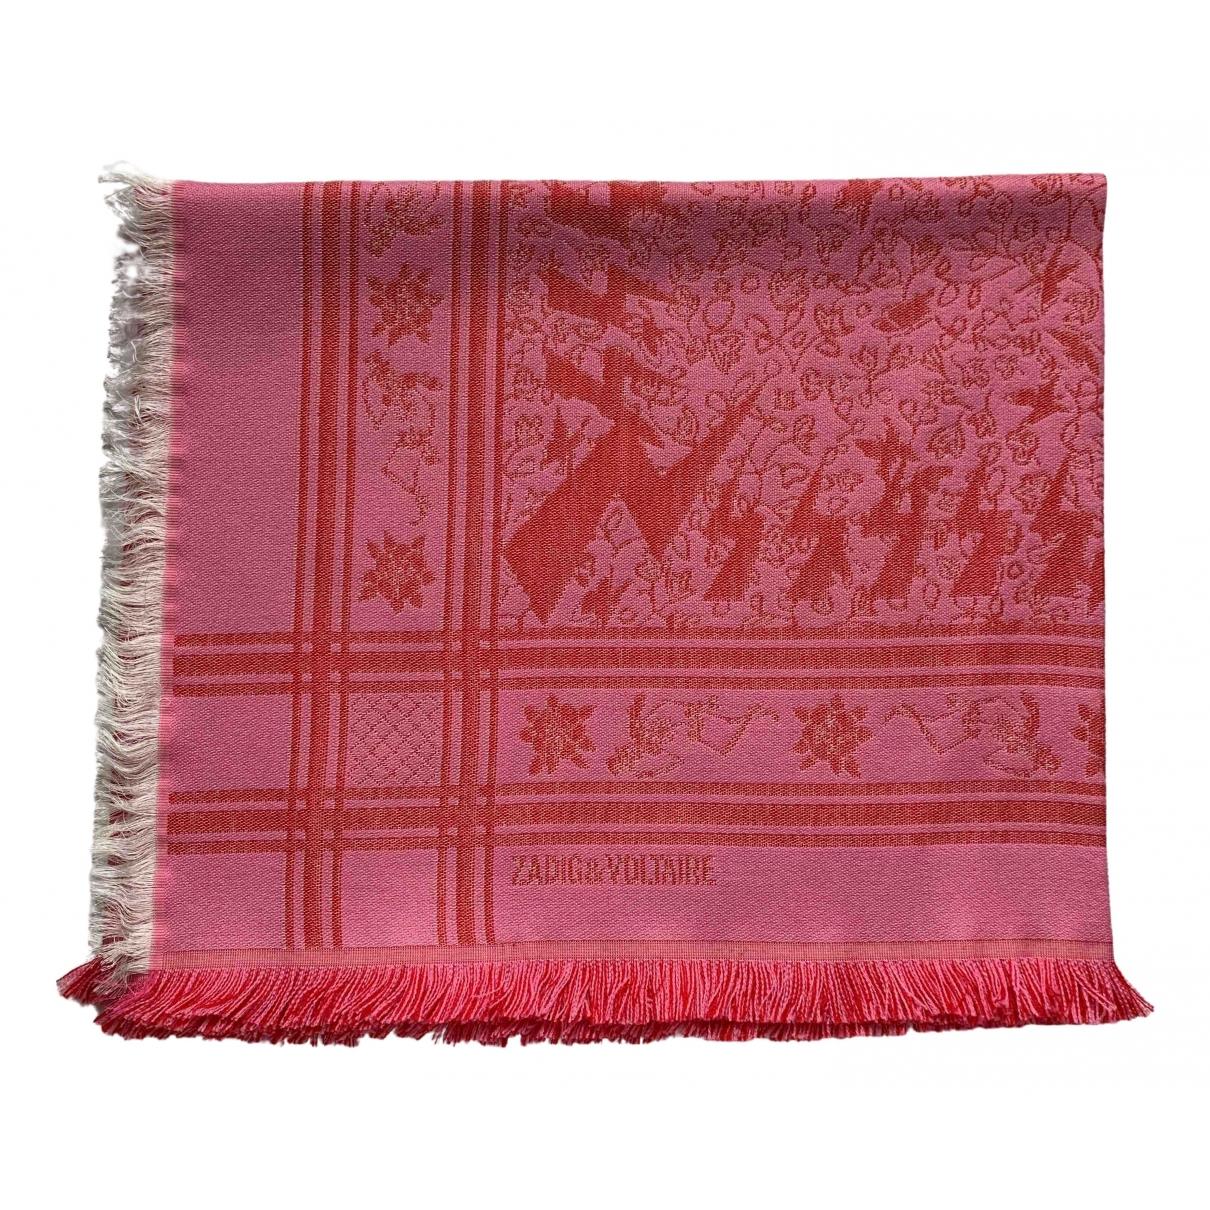 Zadig & Voltaire - Foulard   pour femme en laine - rose